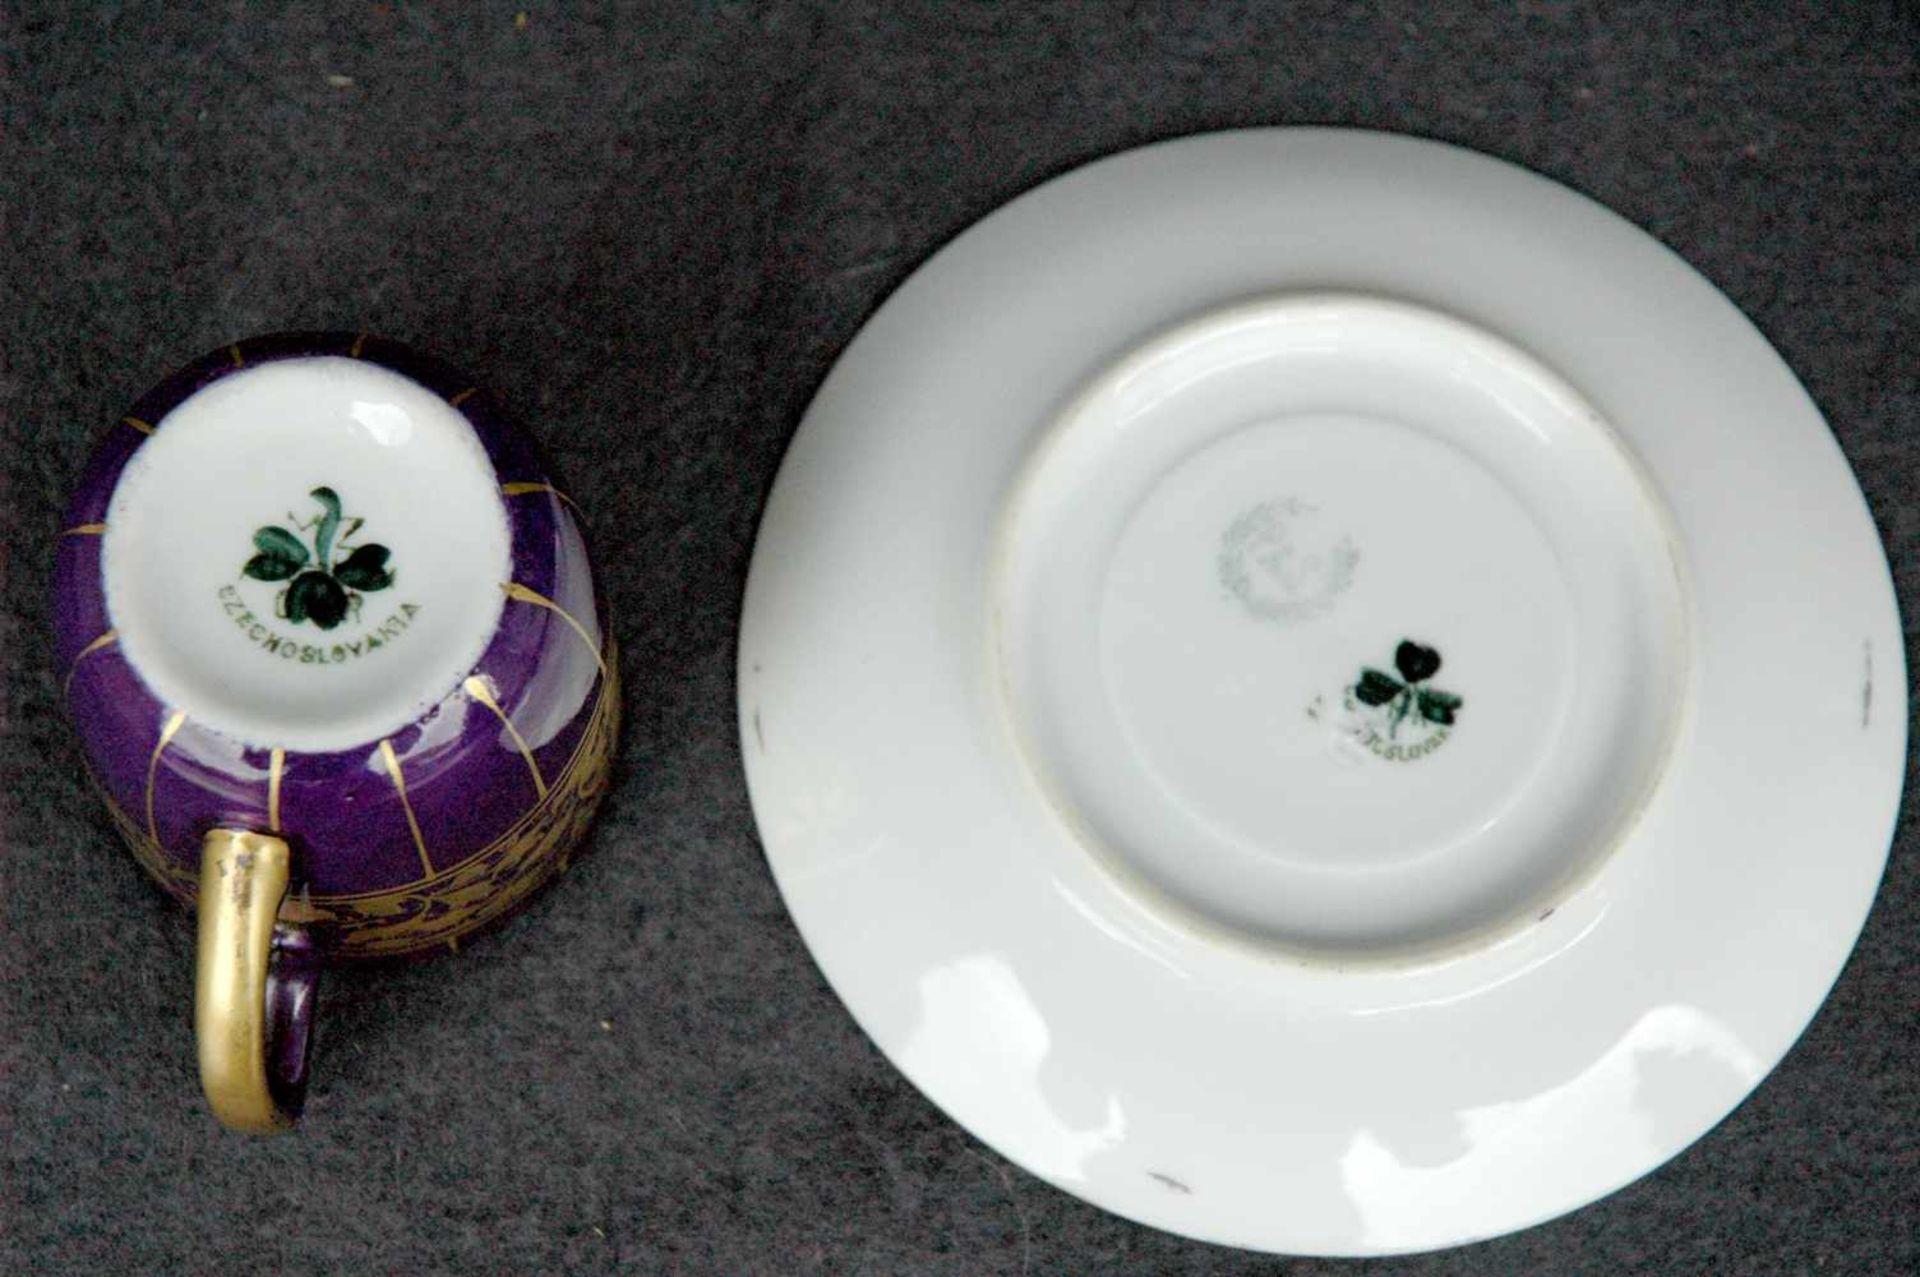 Mokkatasse, P&S, violett und gold - Bild 2 aus 2